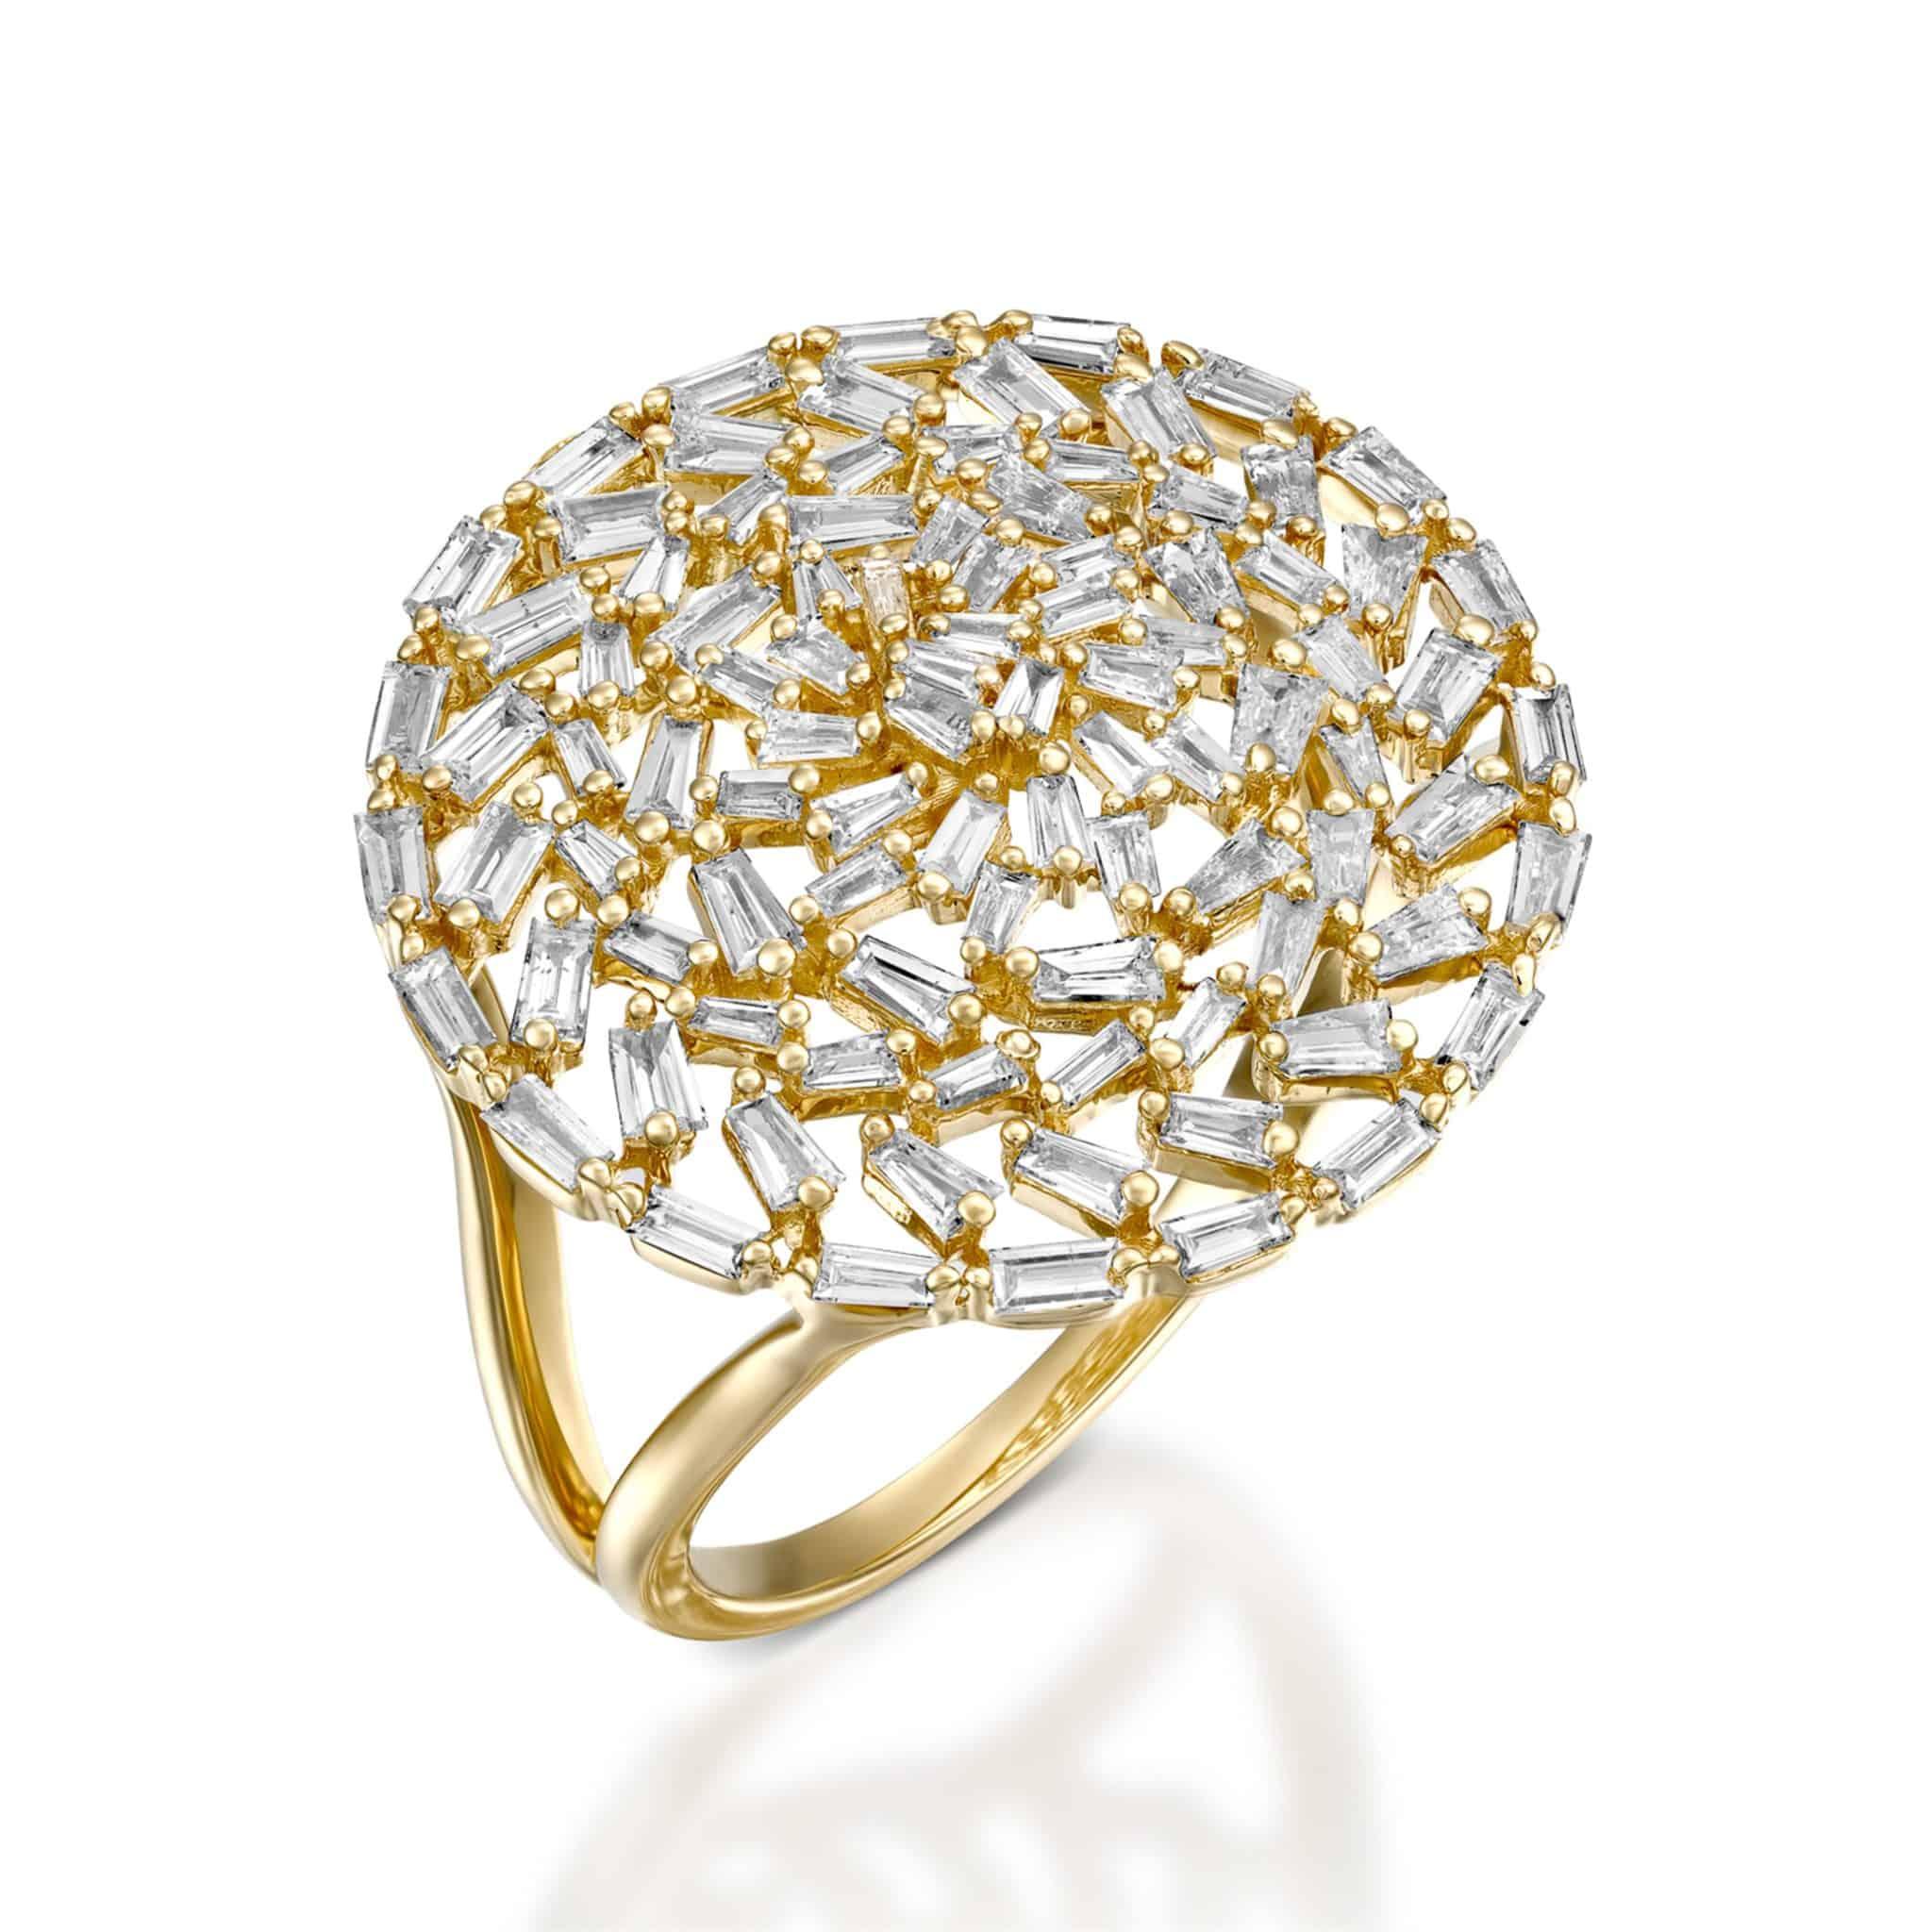 לראש השנה: תכשיטי יהלומים לכל כיס?